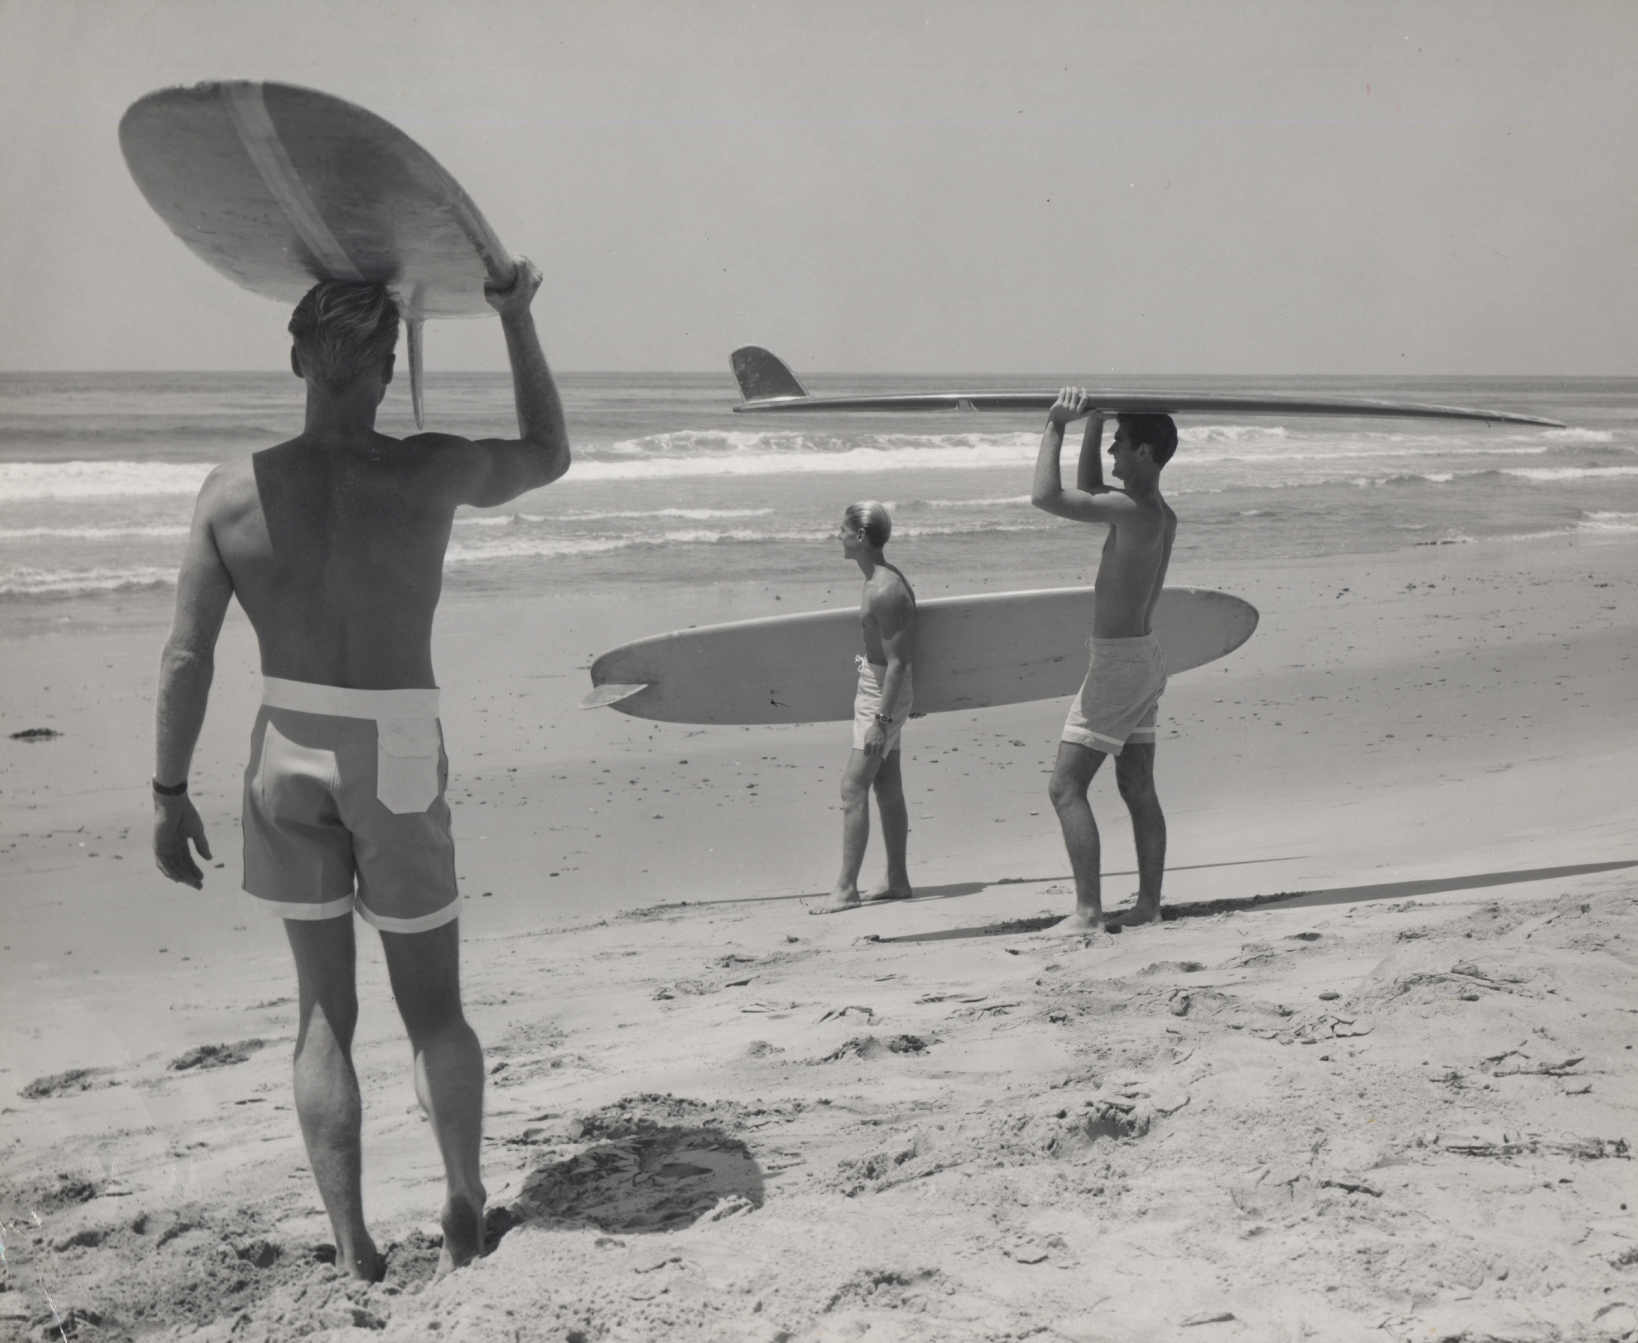 Surfing film